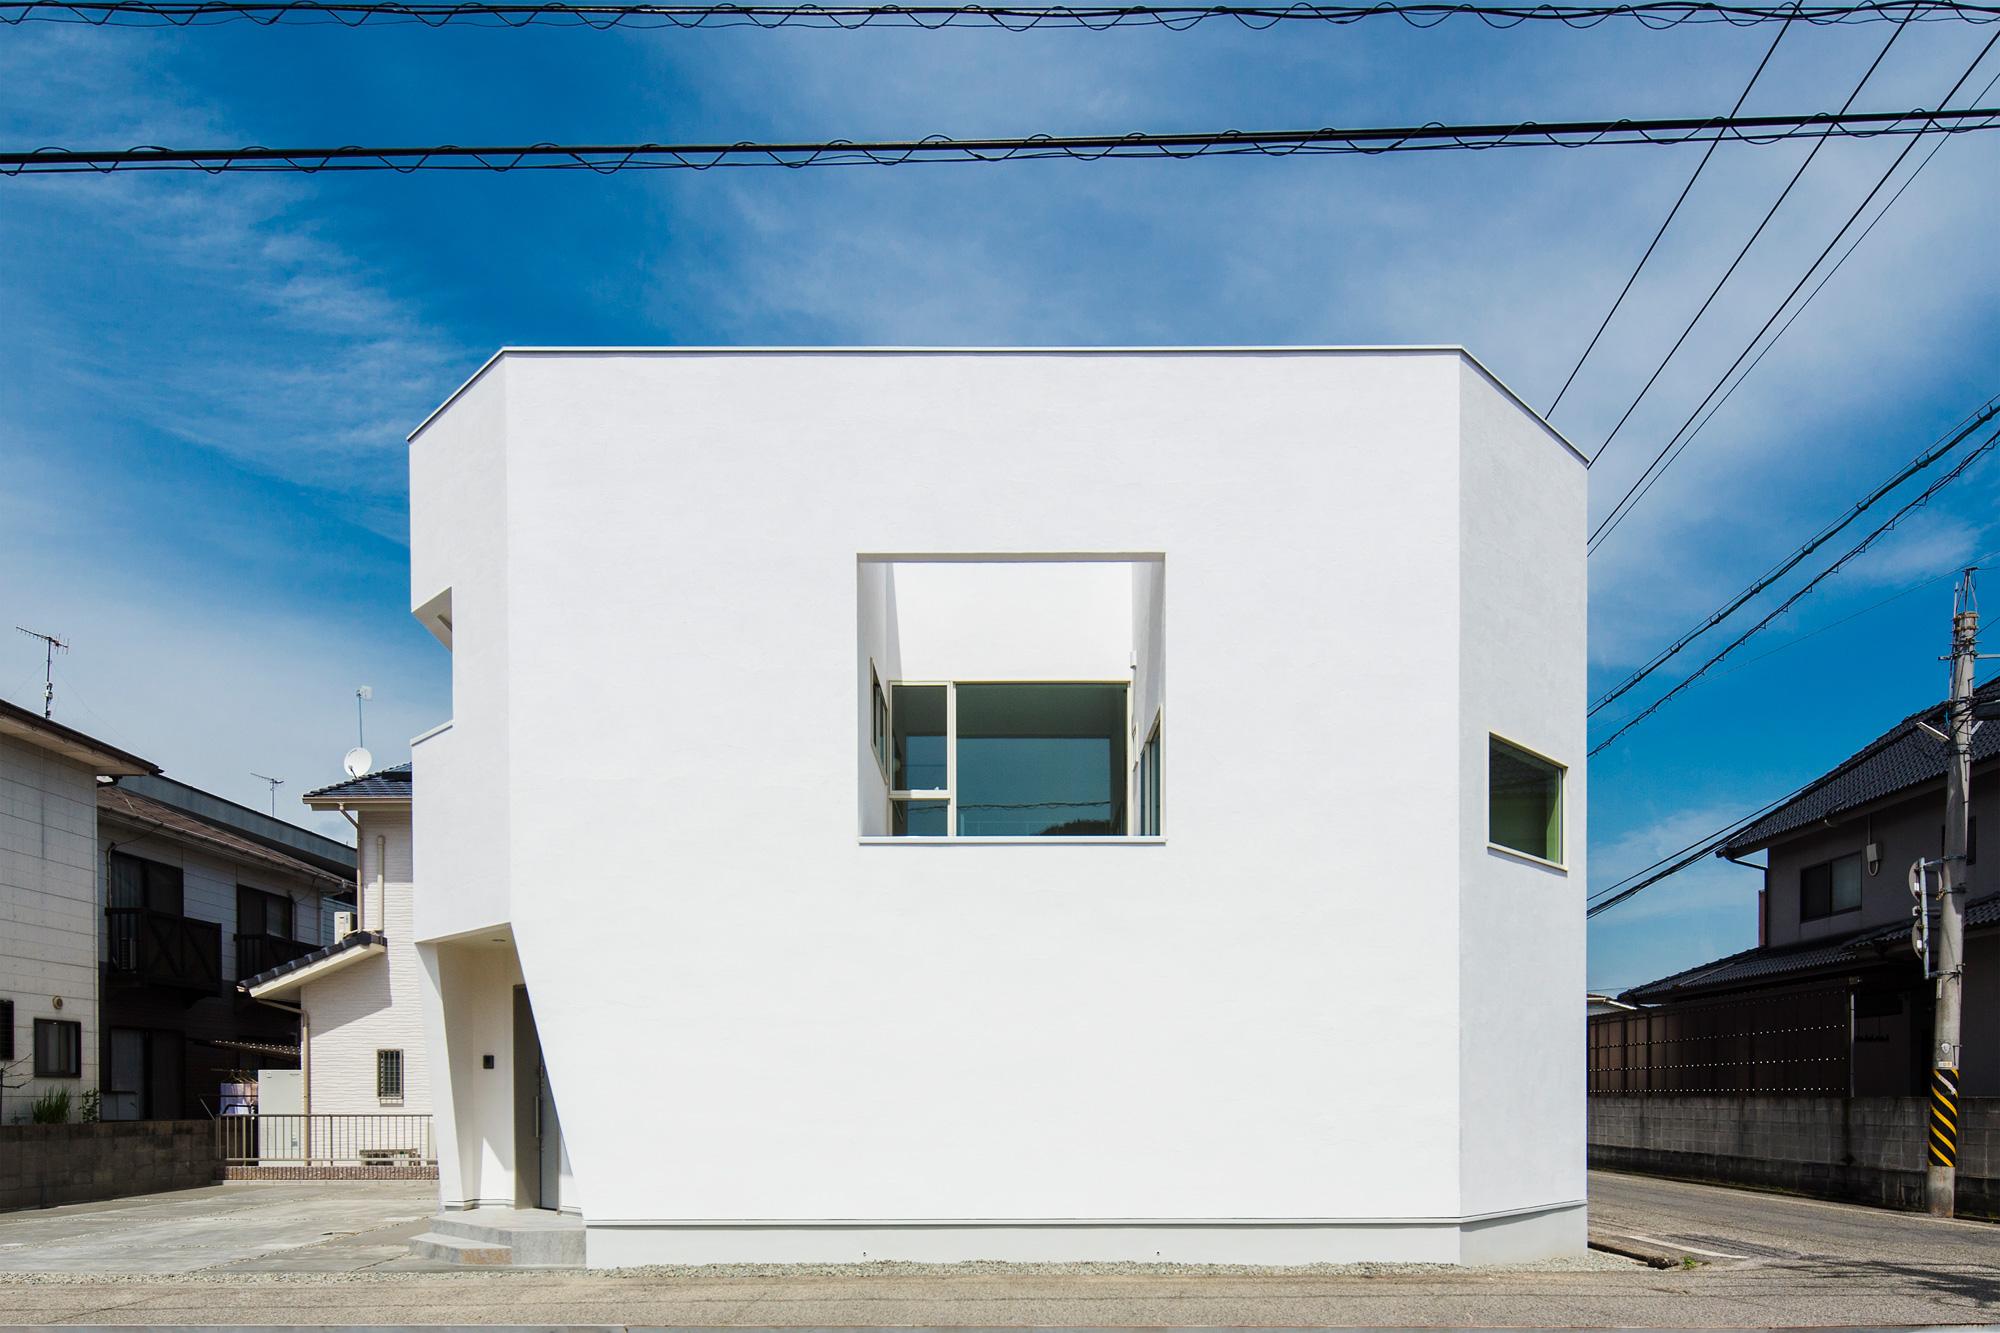 外観:中庭に面して開かれた正方形の開口が印象的